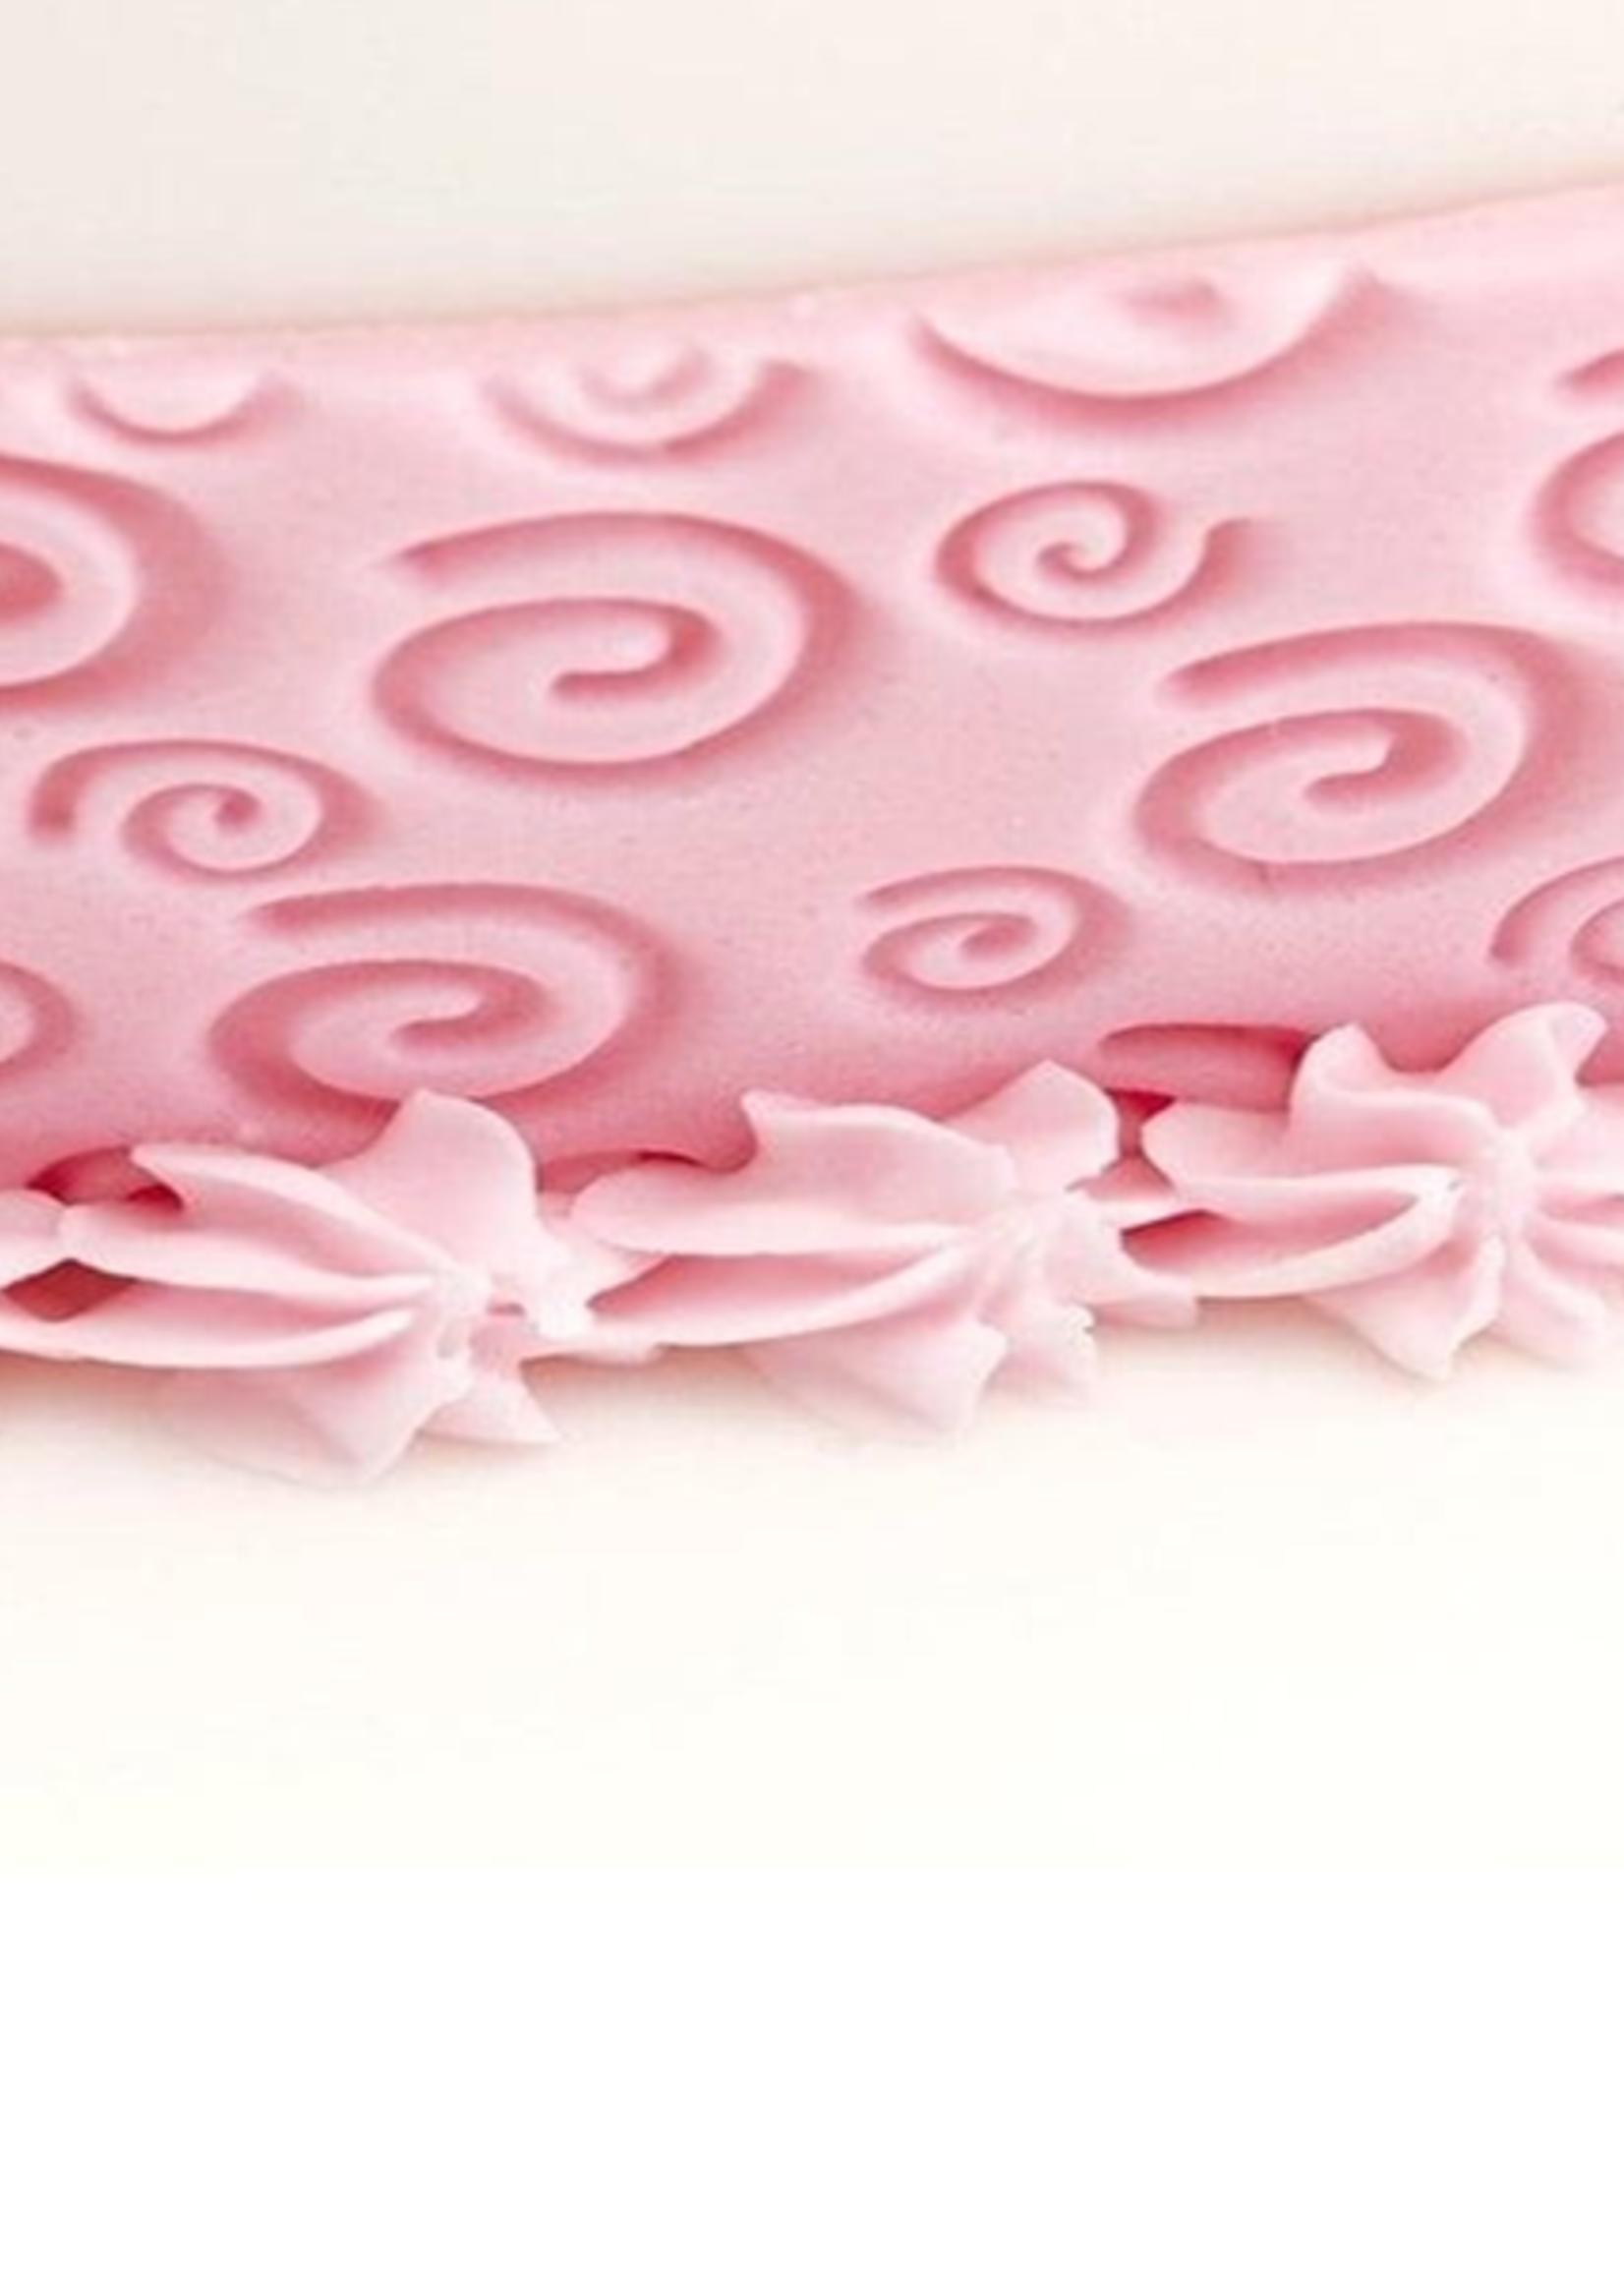 Avanti Homewares Swirl Patterned Rolling Pin